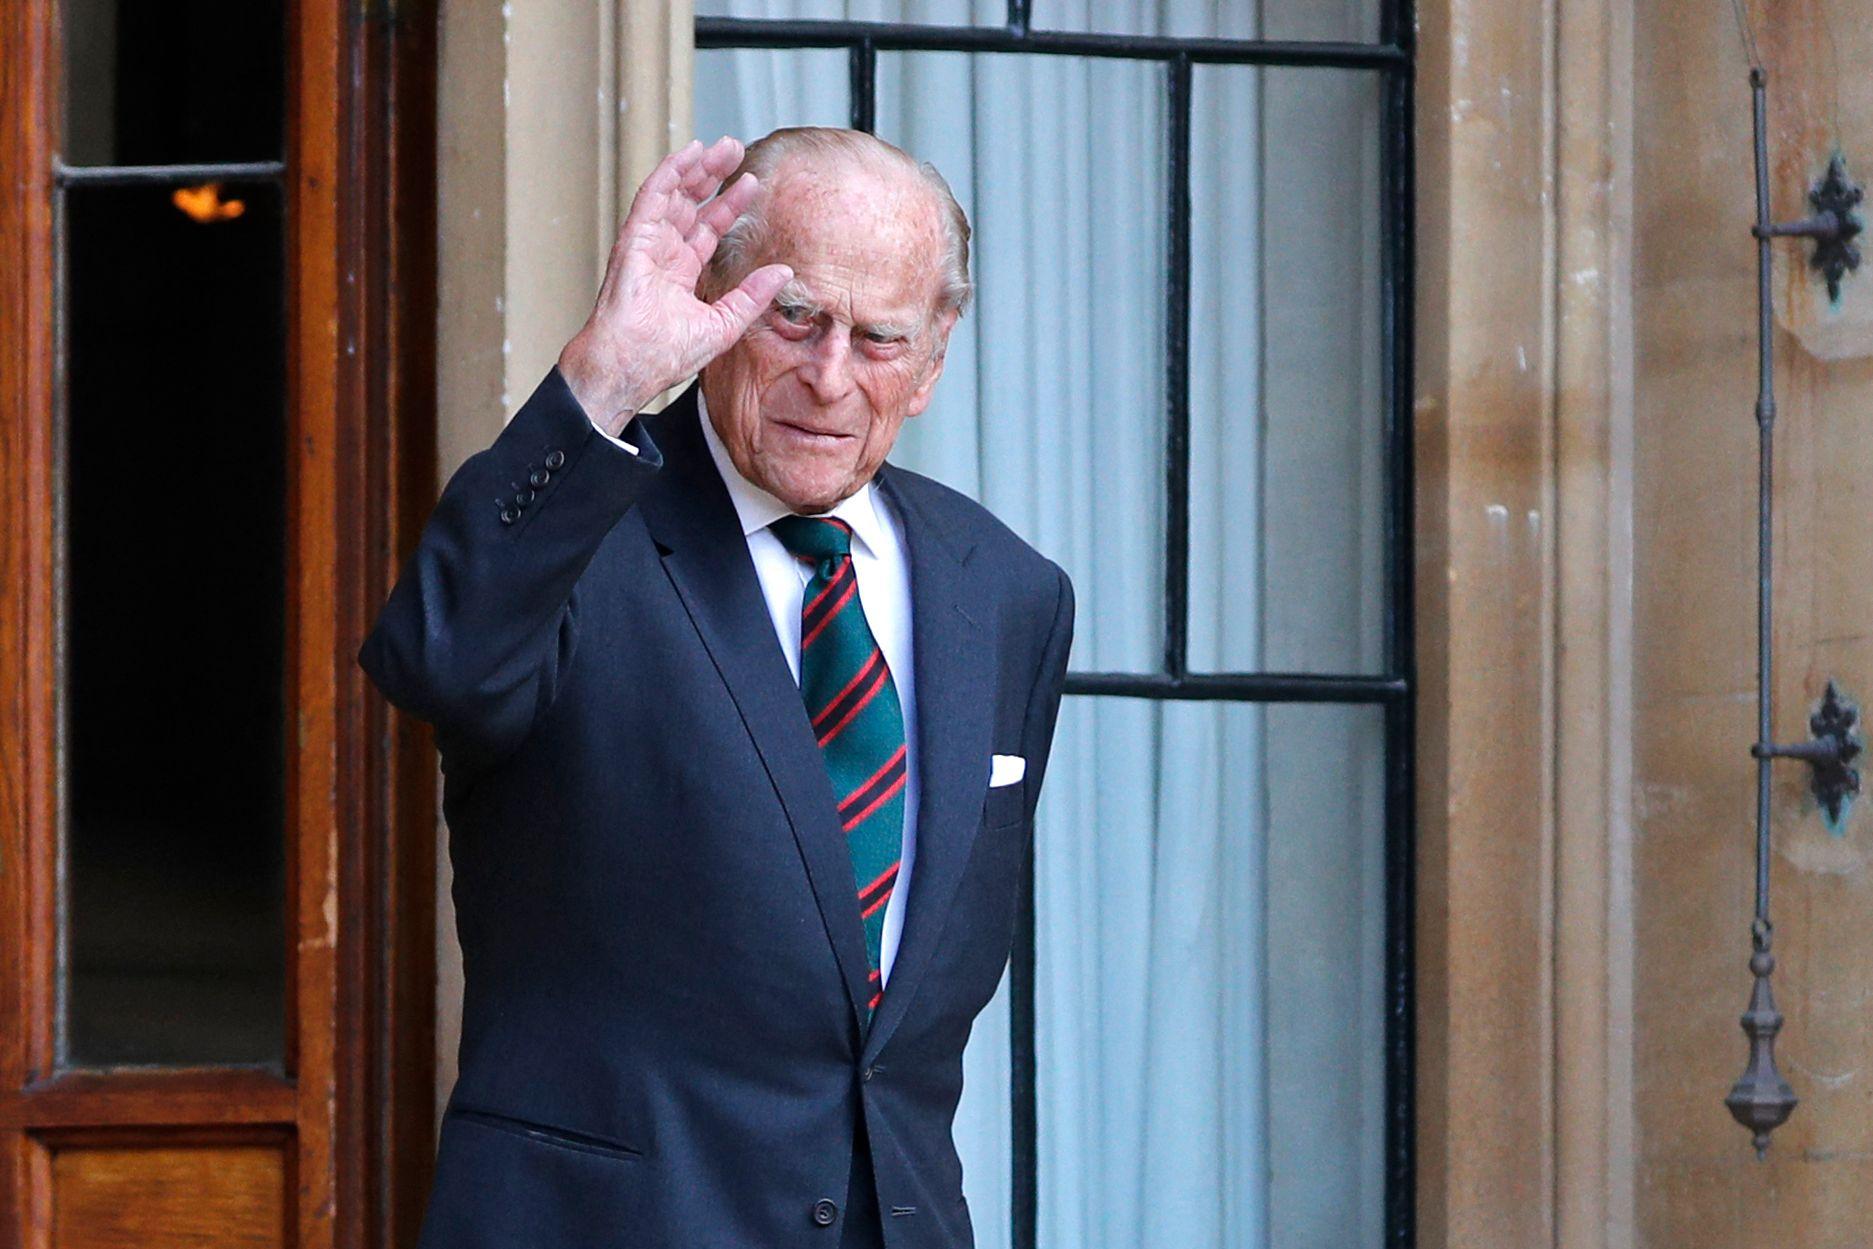 엘리자베스 2세 영국 여왕의 남편 필립공. AFP=연합뉴스